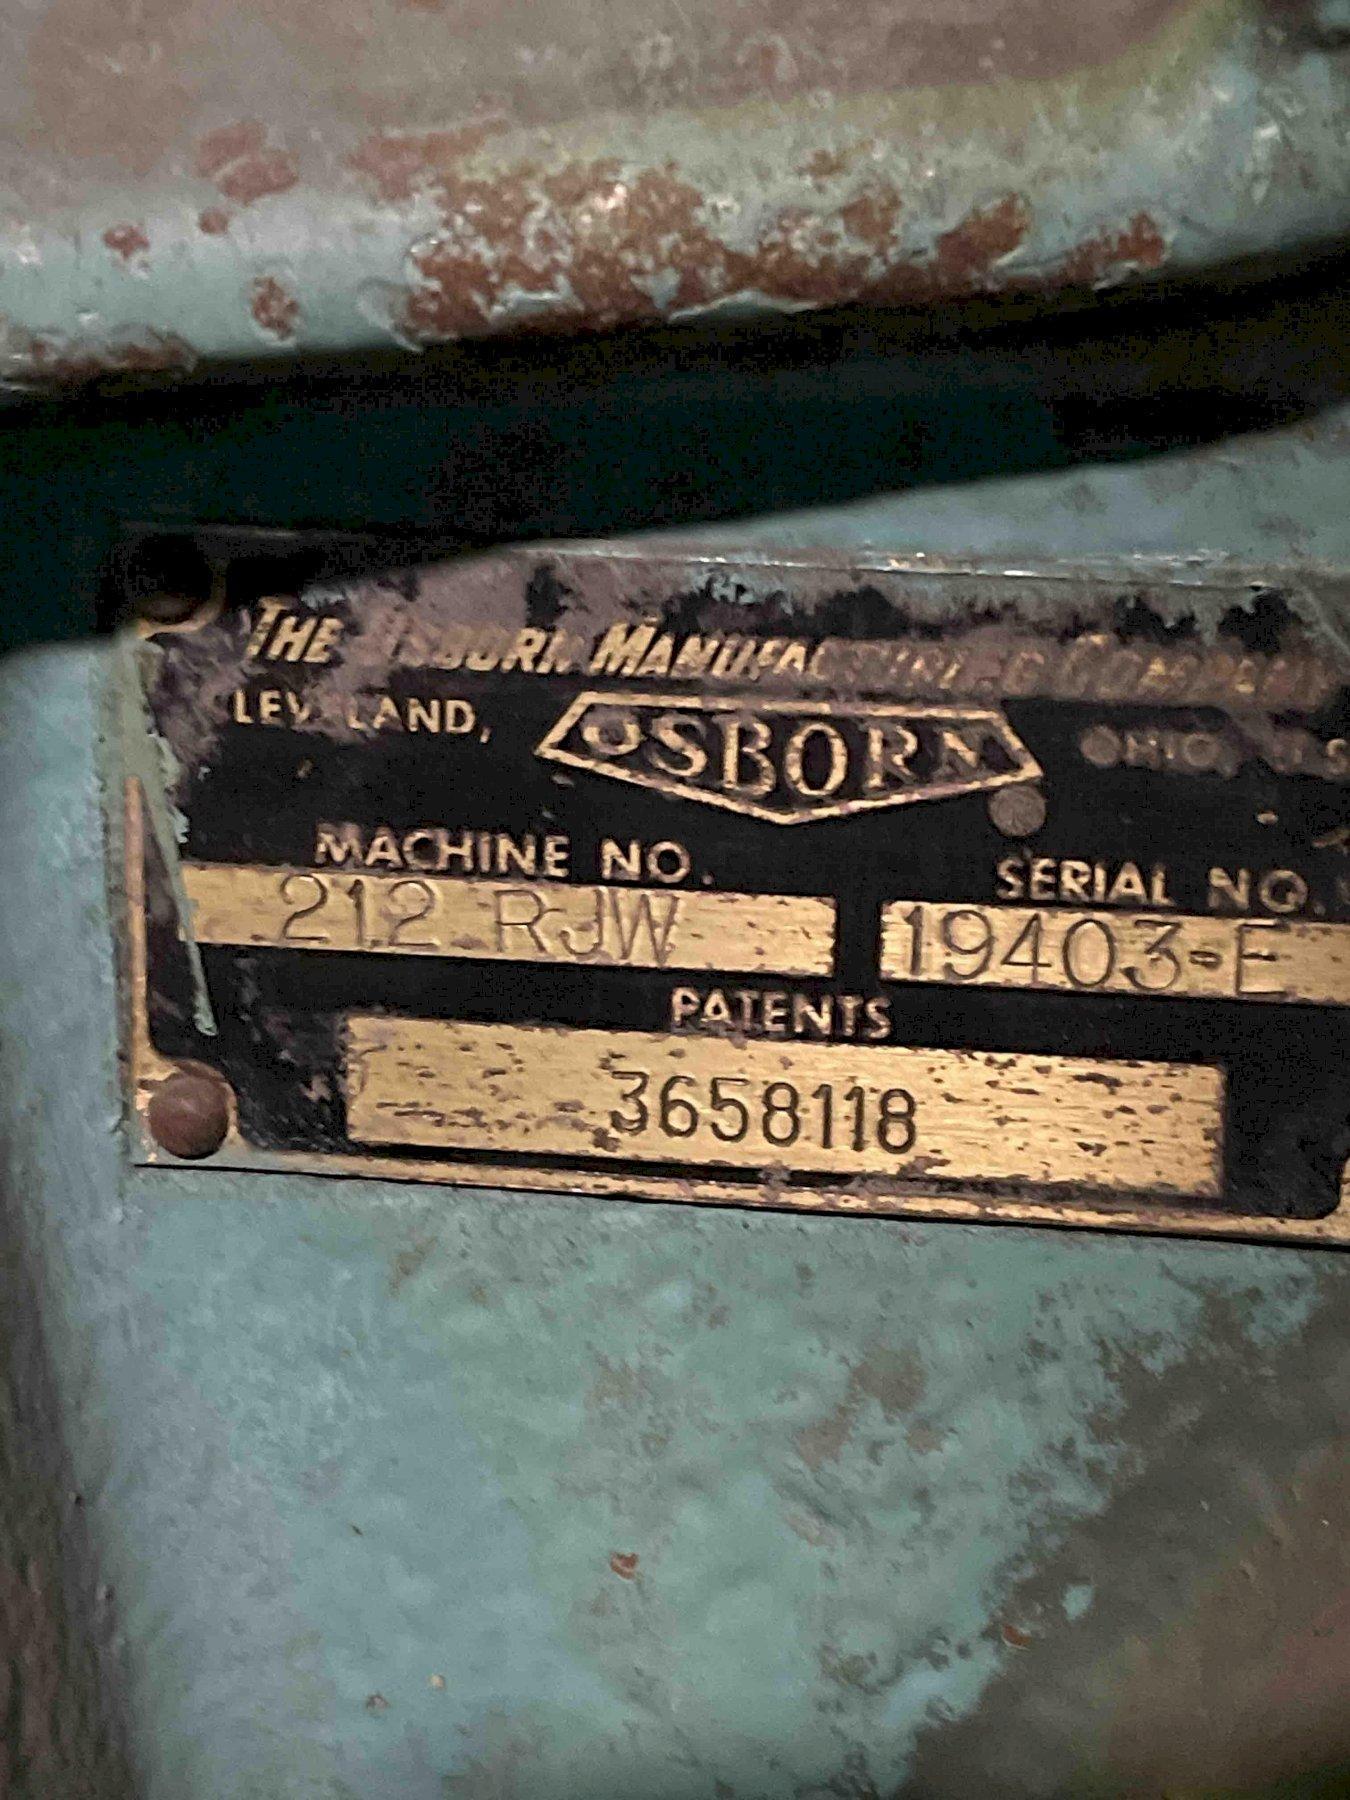 奥斯本212rjw成型机s / n 19403-e